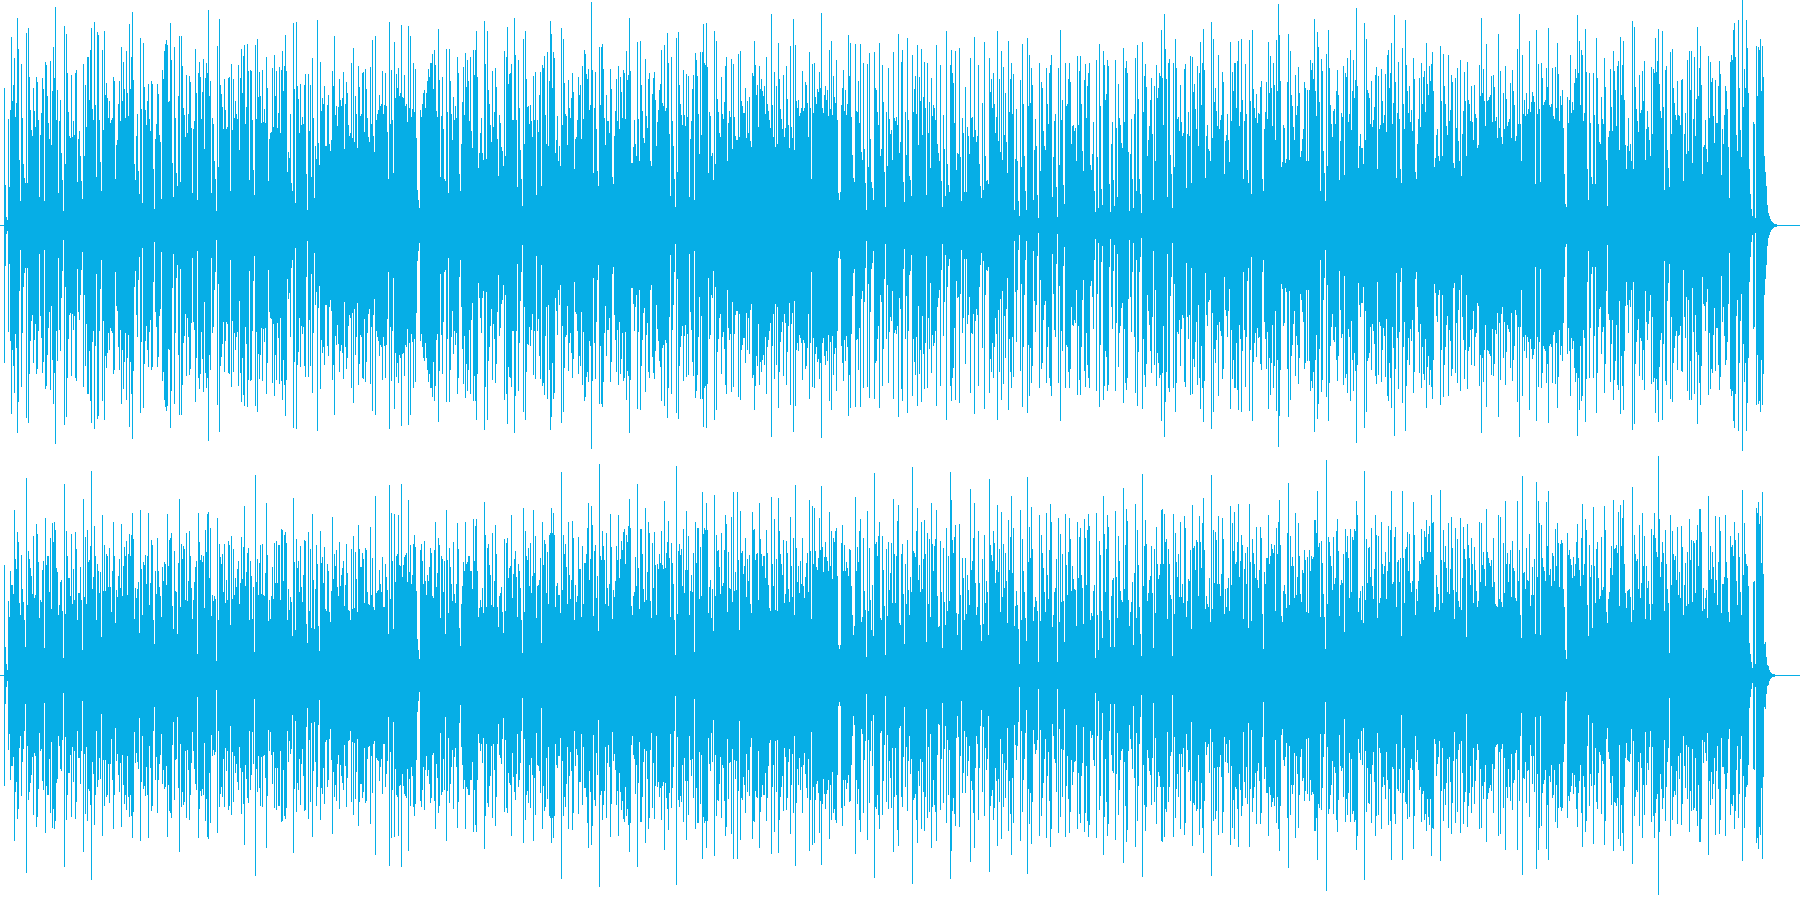 ポップでリズミカルなシンセサイザー楽曲の再生済みの波形